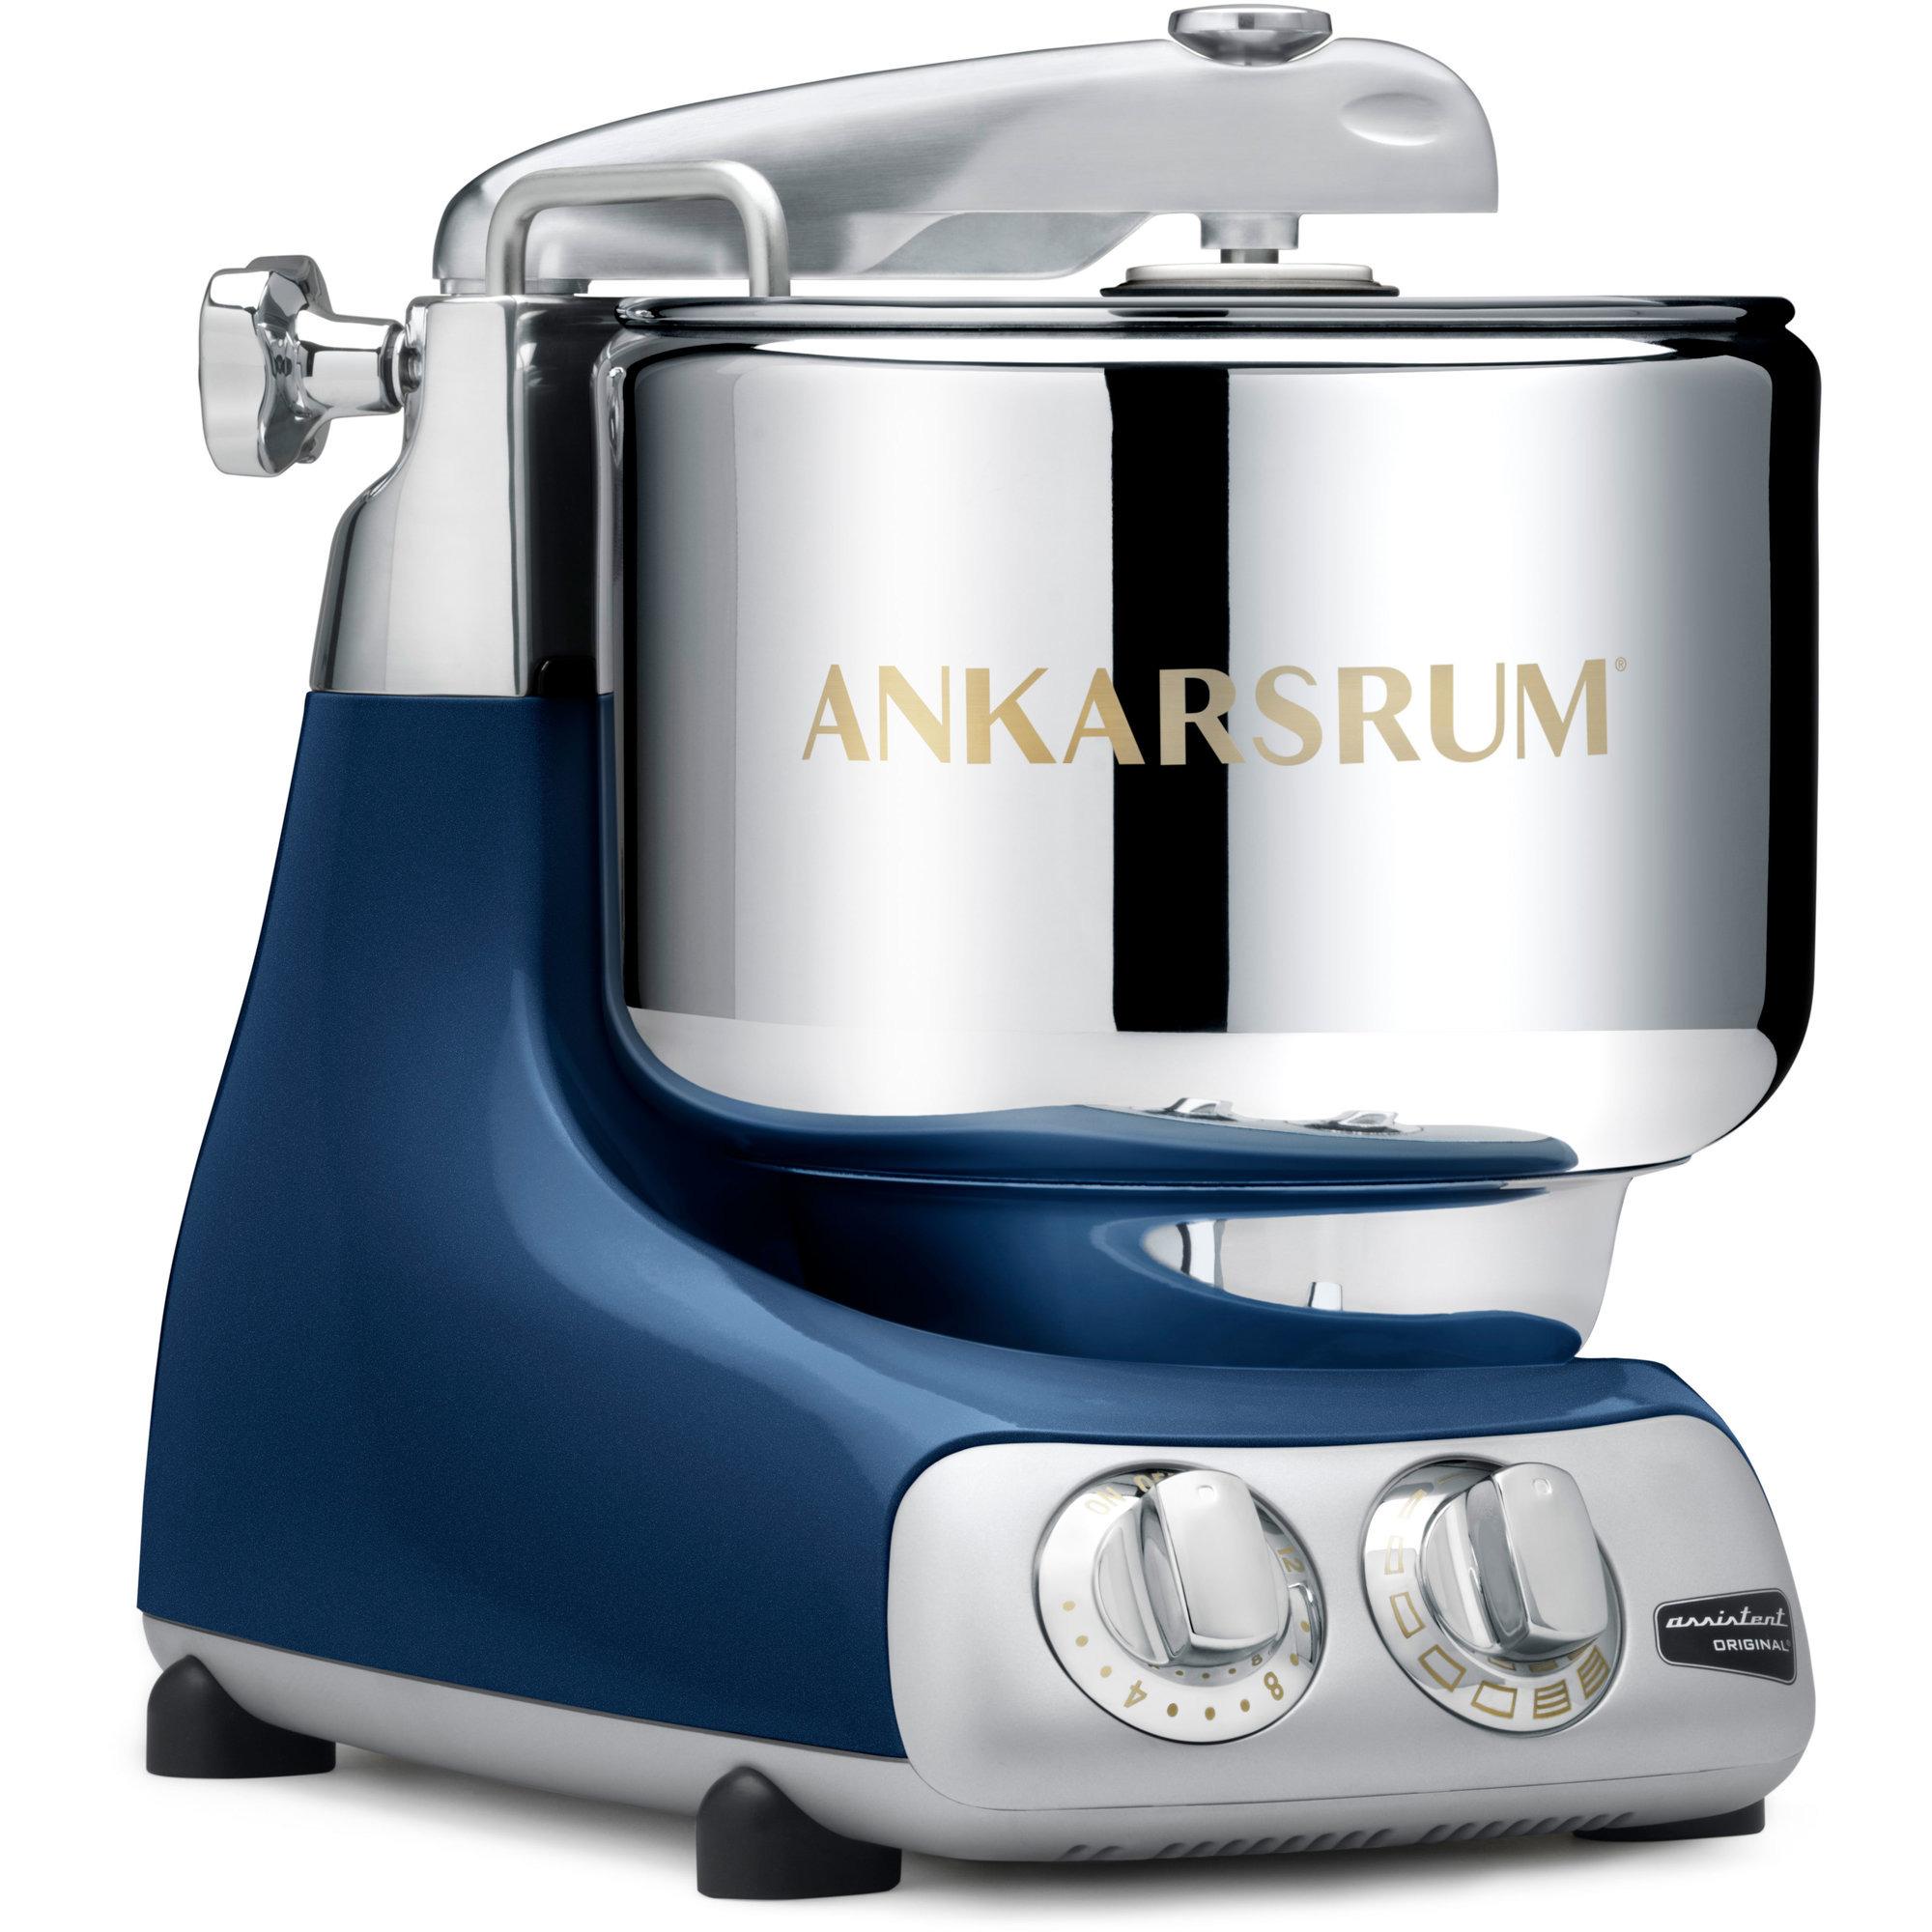 Bild av Ankarsrum Assistent Original Ocean Blue AKM 6230 OB